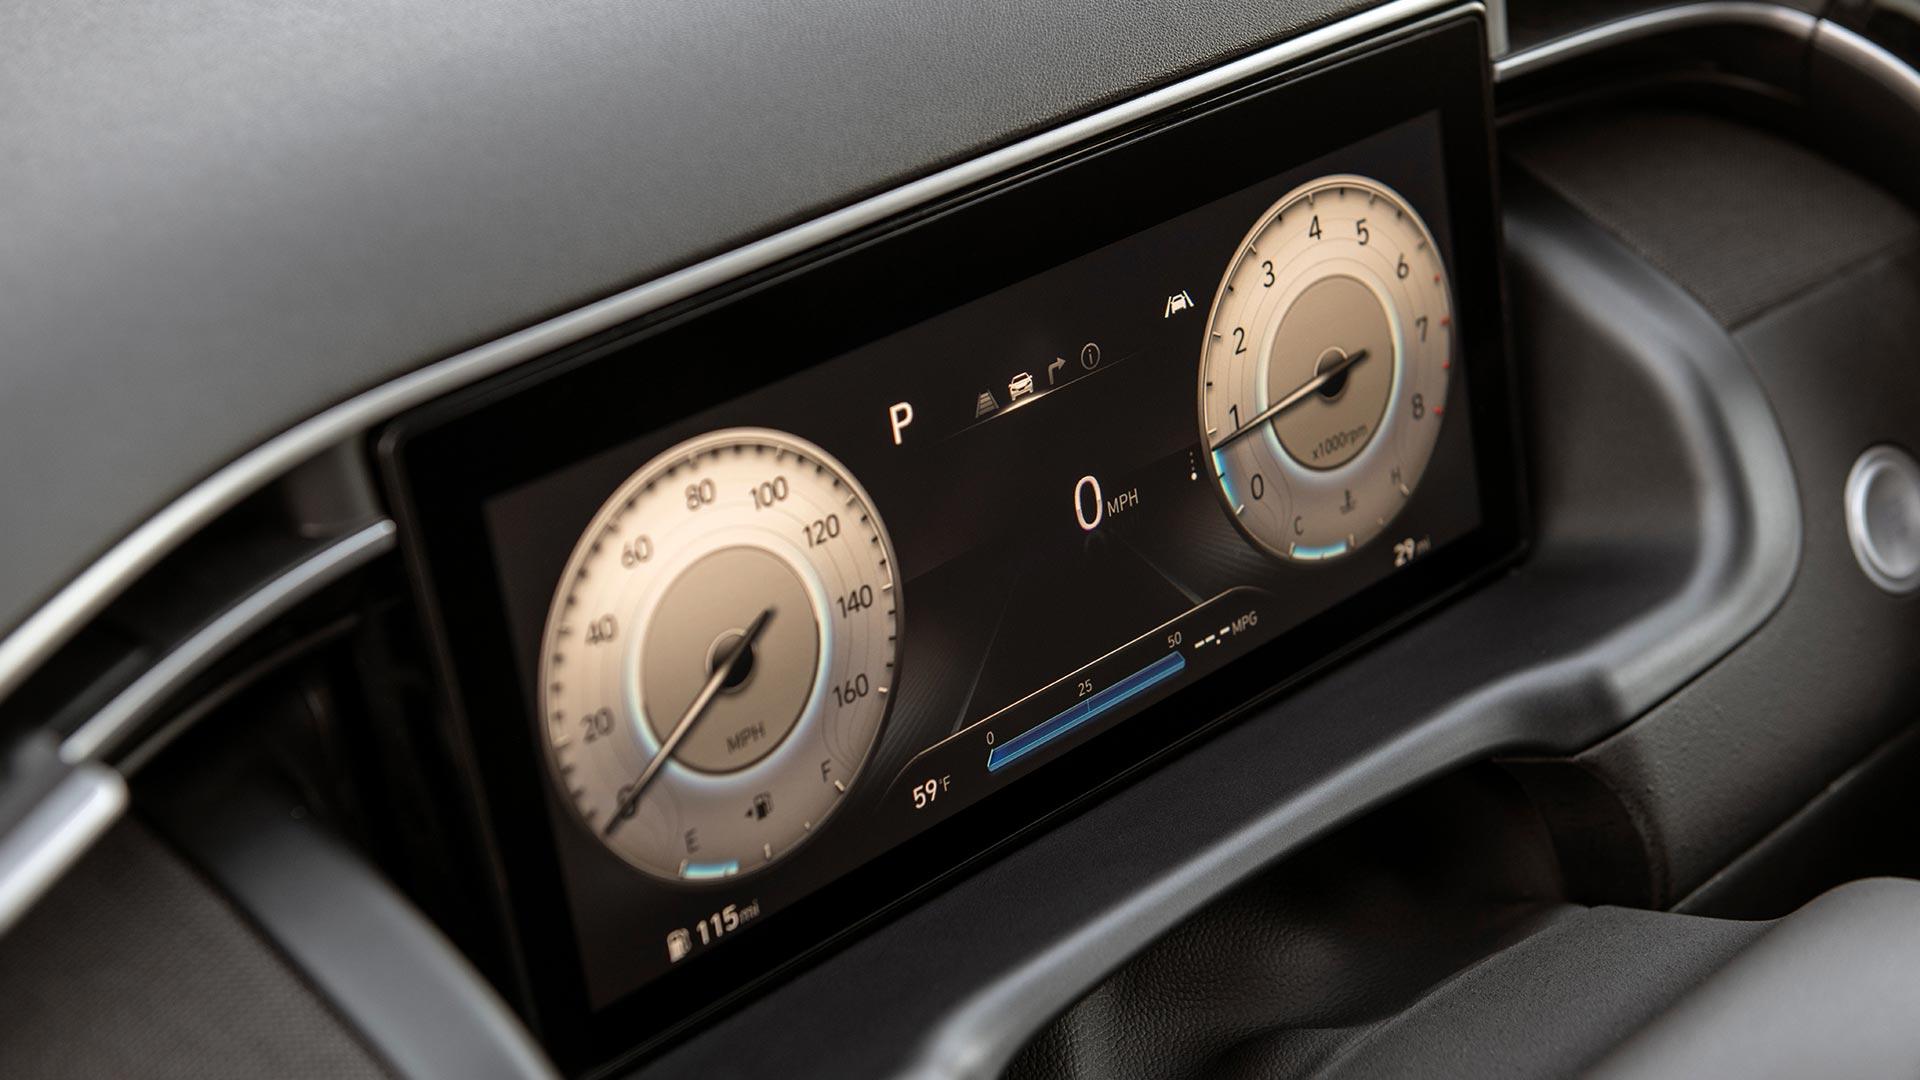 Hyundai Santa Cruz Digital Odometers